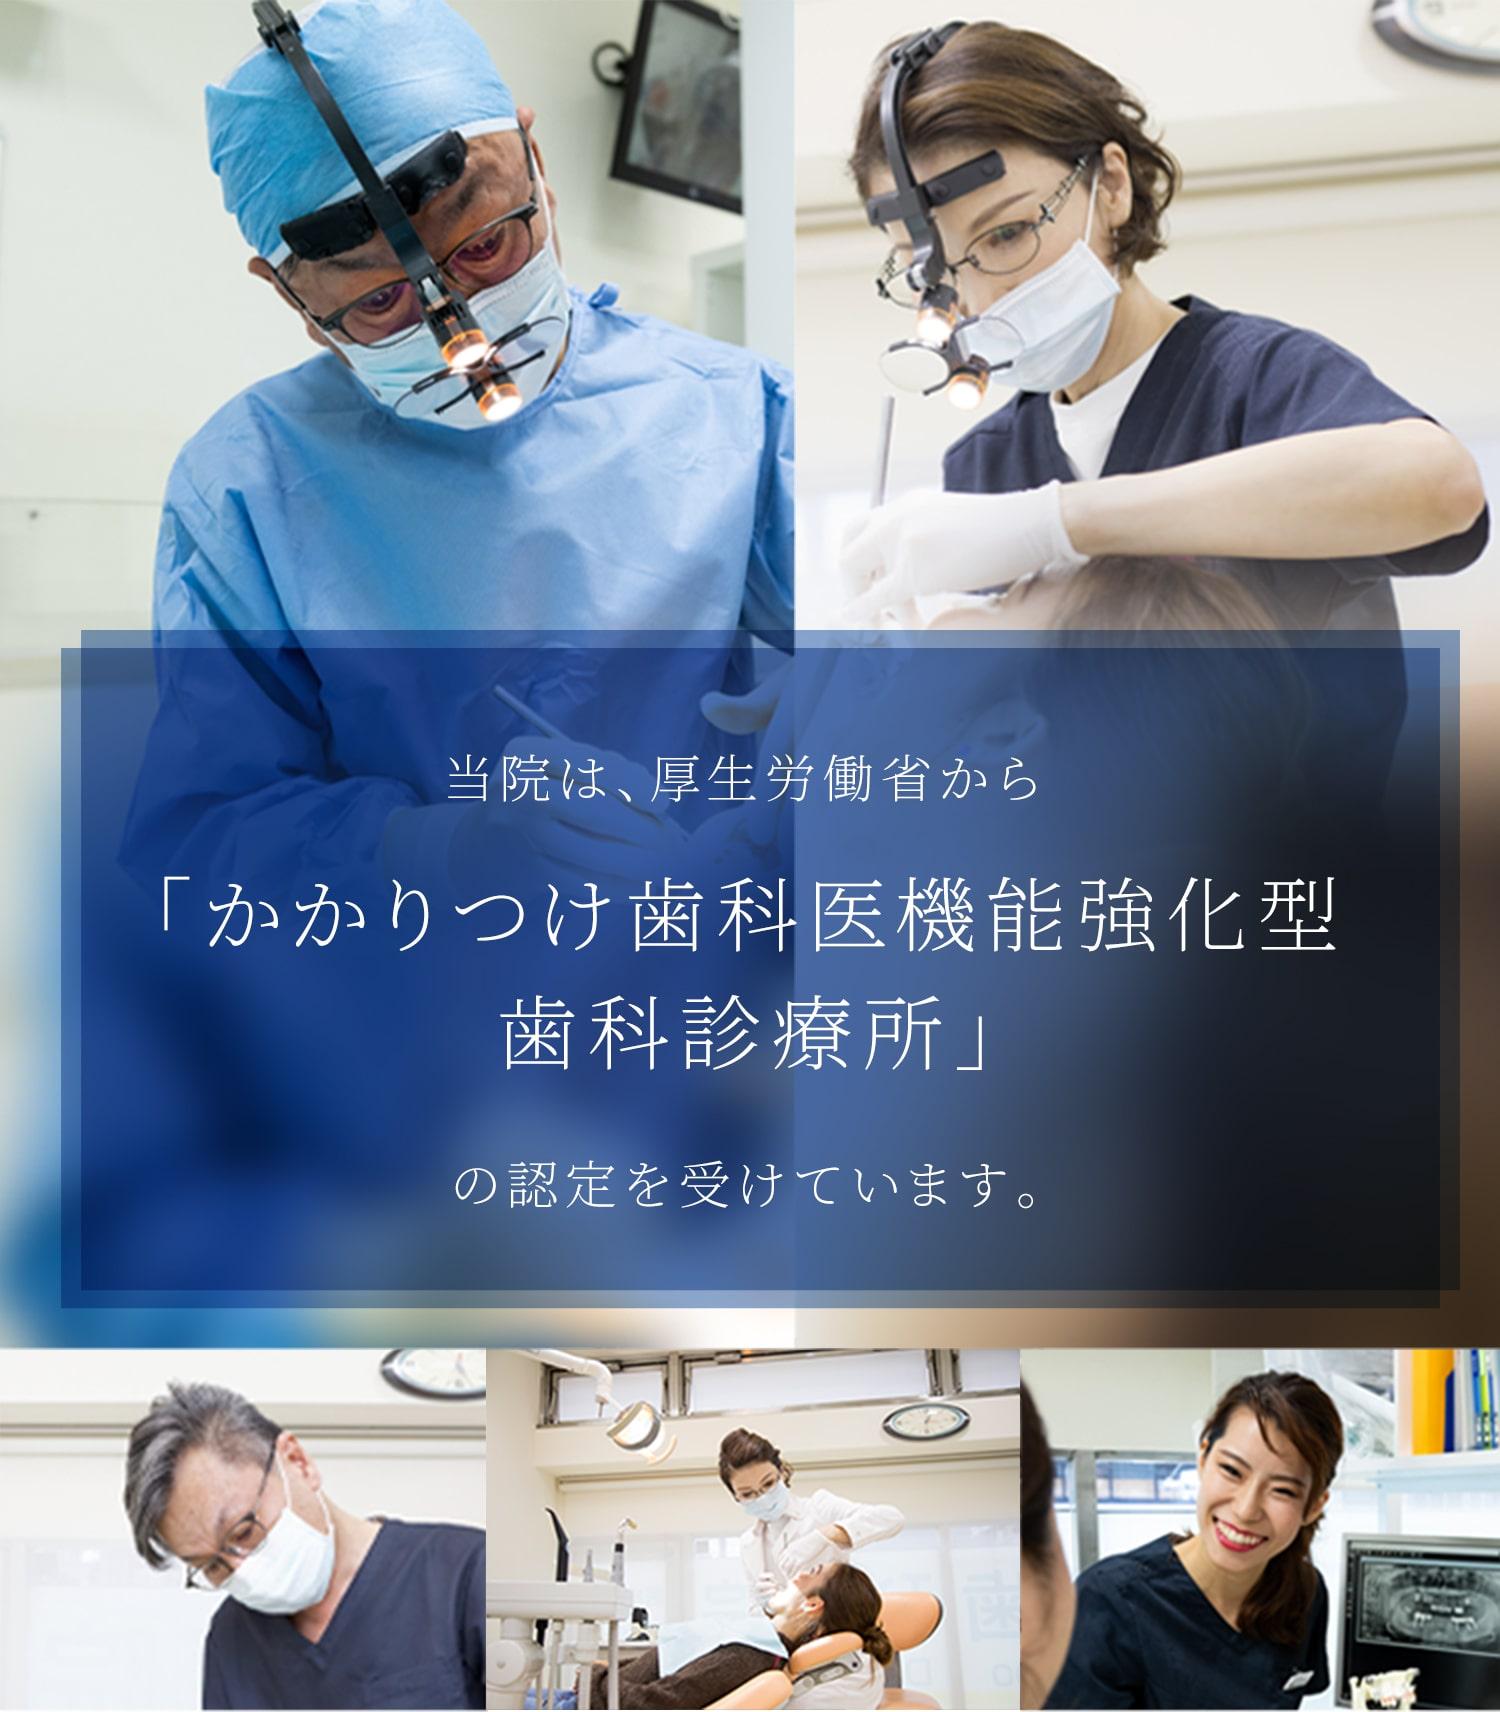 当院は、厚生労働省から「かかりつけ歯科医機能強化型歯科診療所」の認定を受けています。